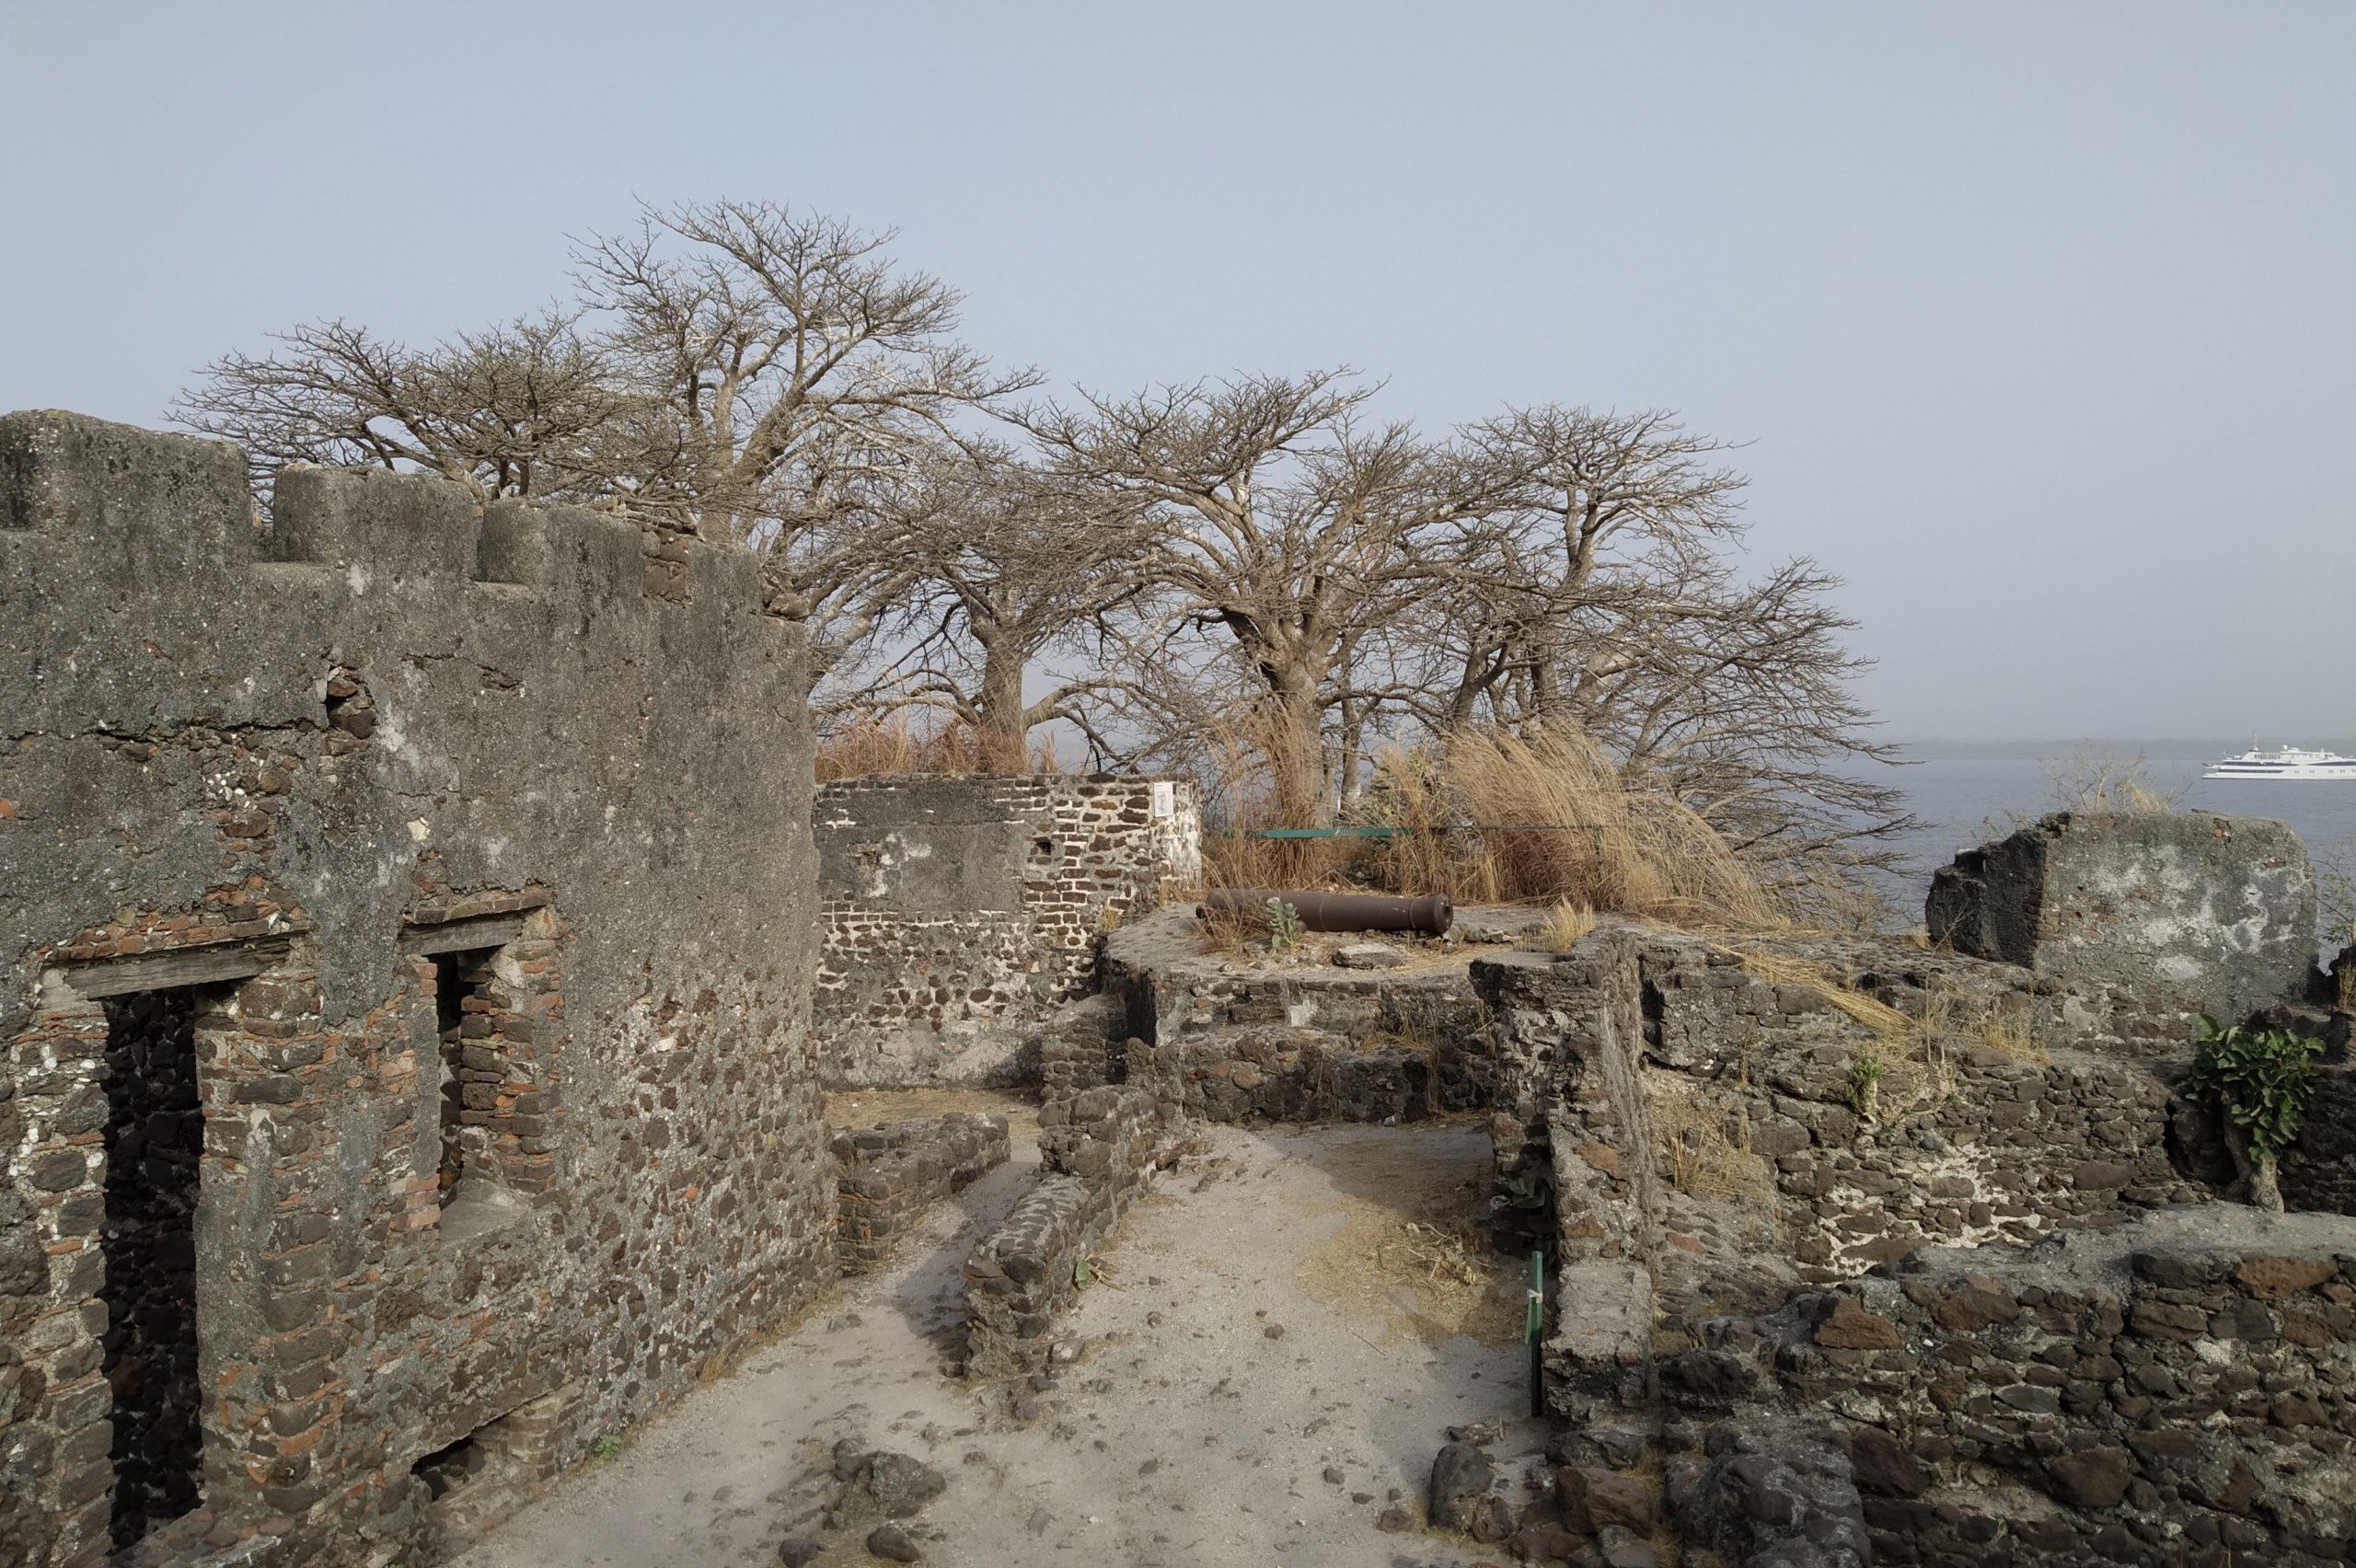 クンタ・キンテ島の画像 p1_5